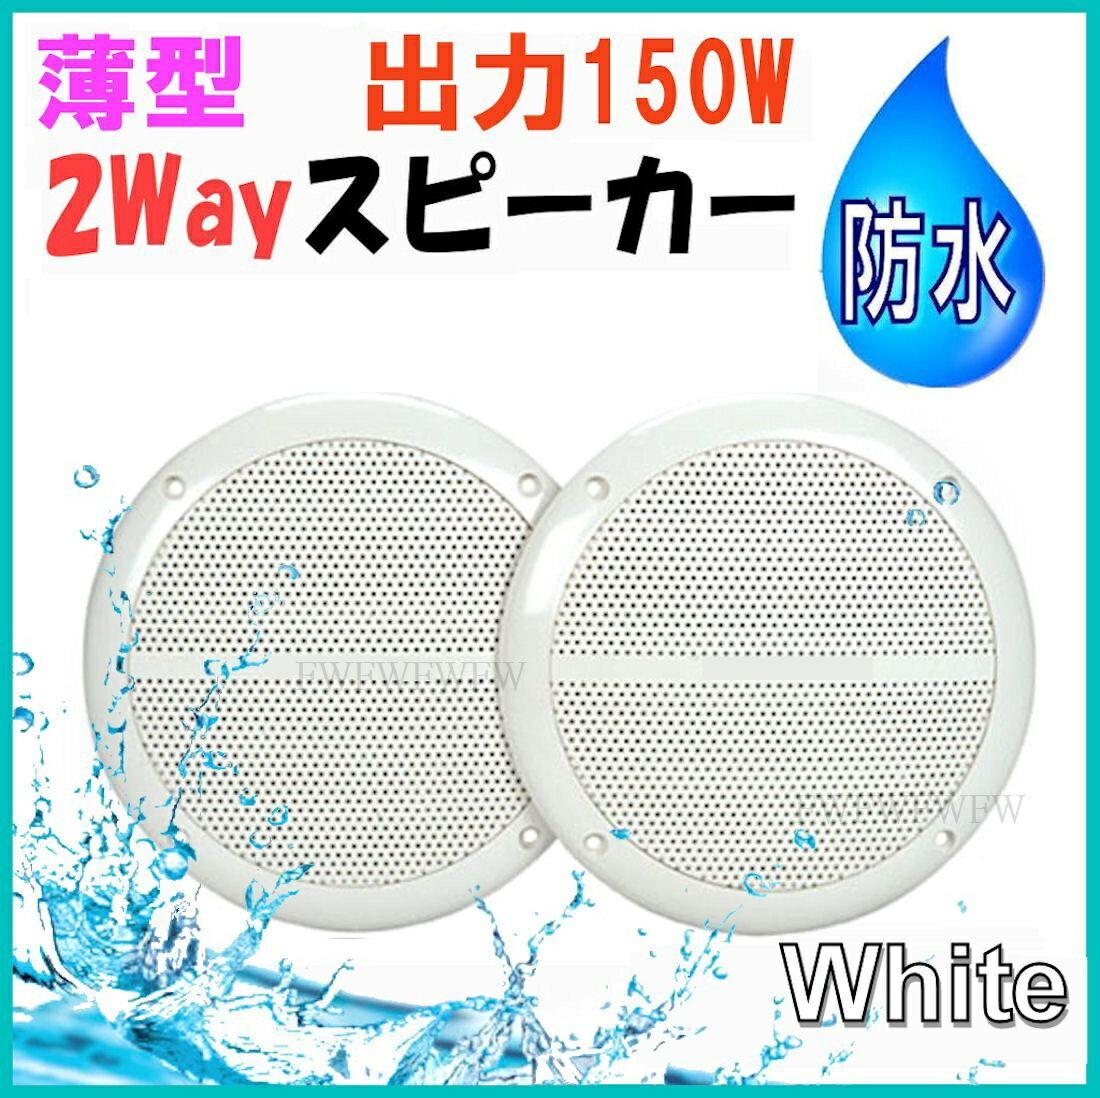 最大出力 150W ! 薄型 で 防水 丸型スピーカー 白色 新品 即納